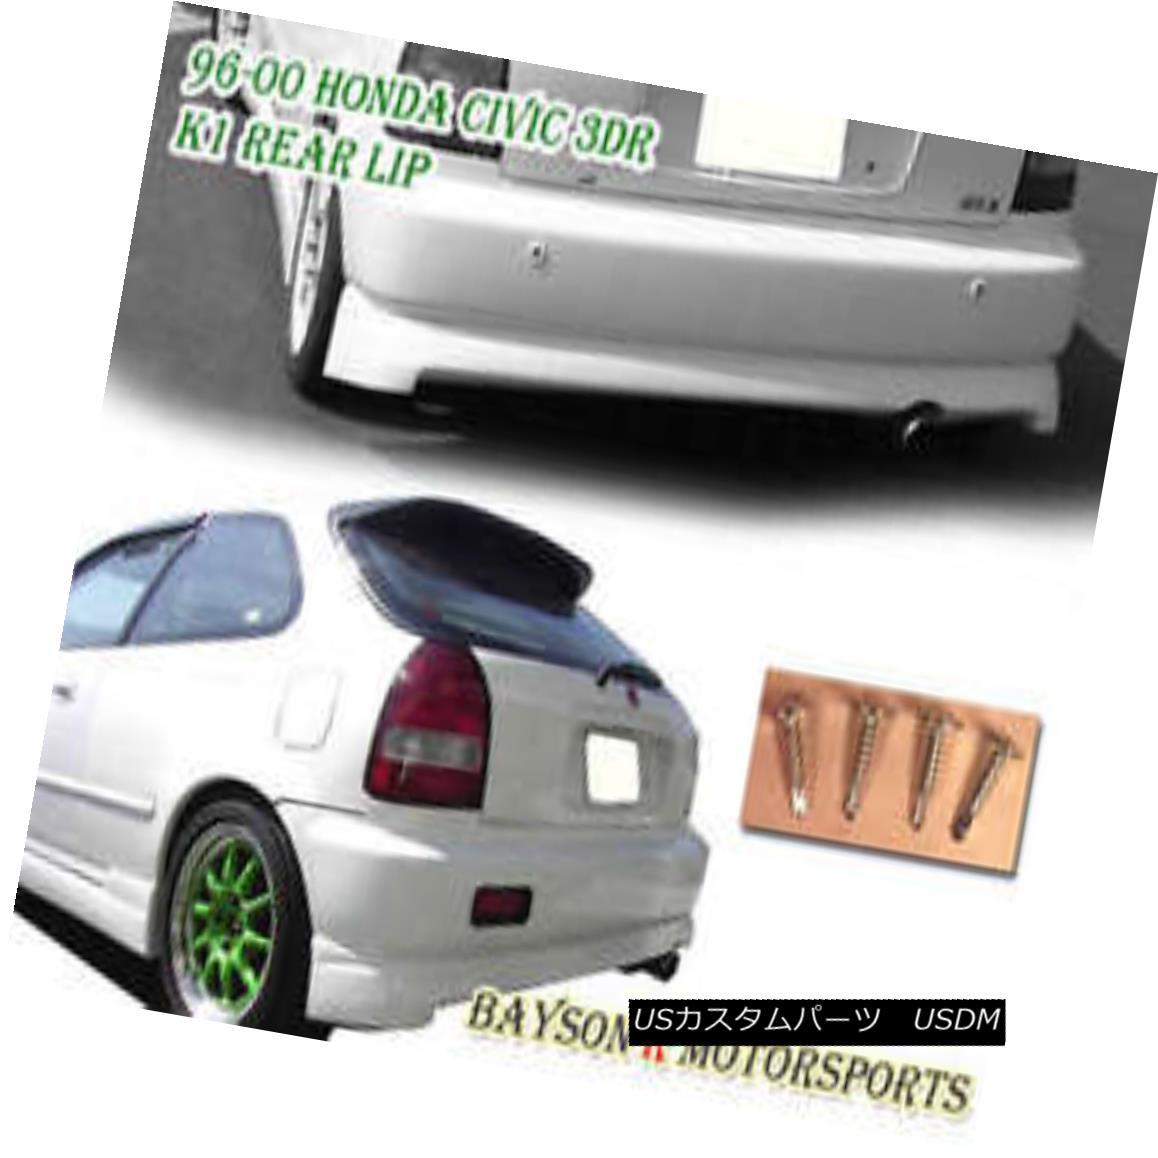 エアロパーツ Hatch K1 Drift CS Style Rear Lip (ABS) Fits 96-00 Civic 3dr ハッチK1ドリフトCSスタイルリアリップ(ABS)96-00 Civic 3drに適合